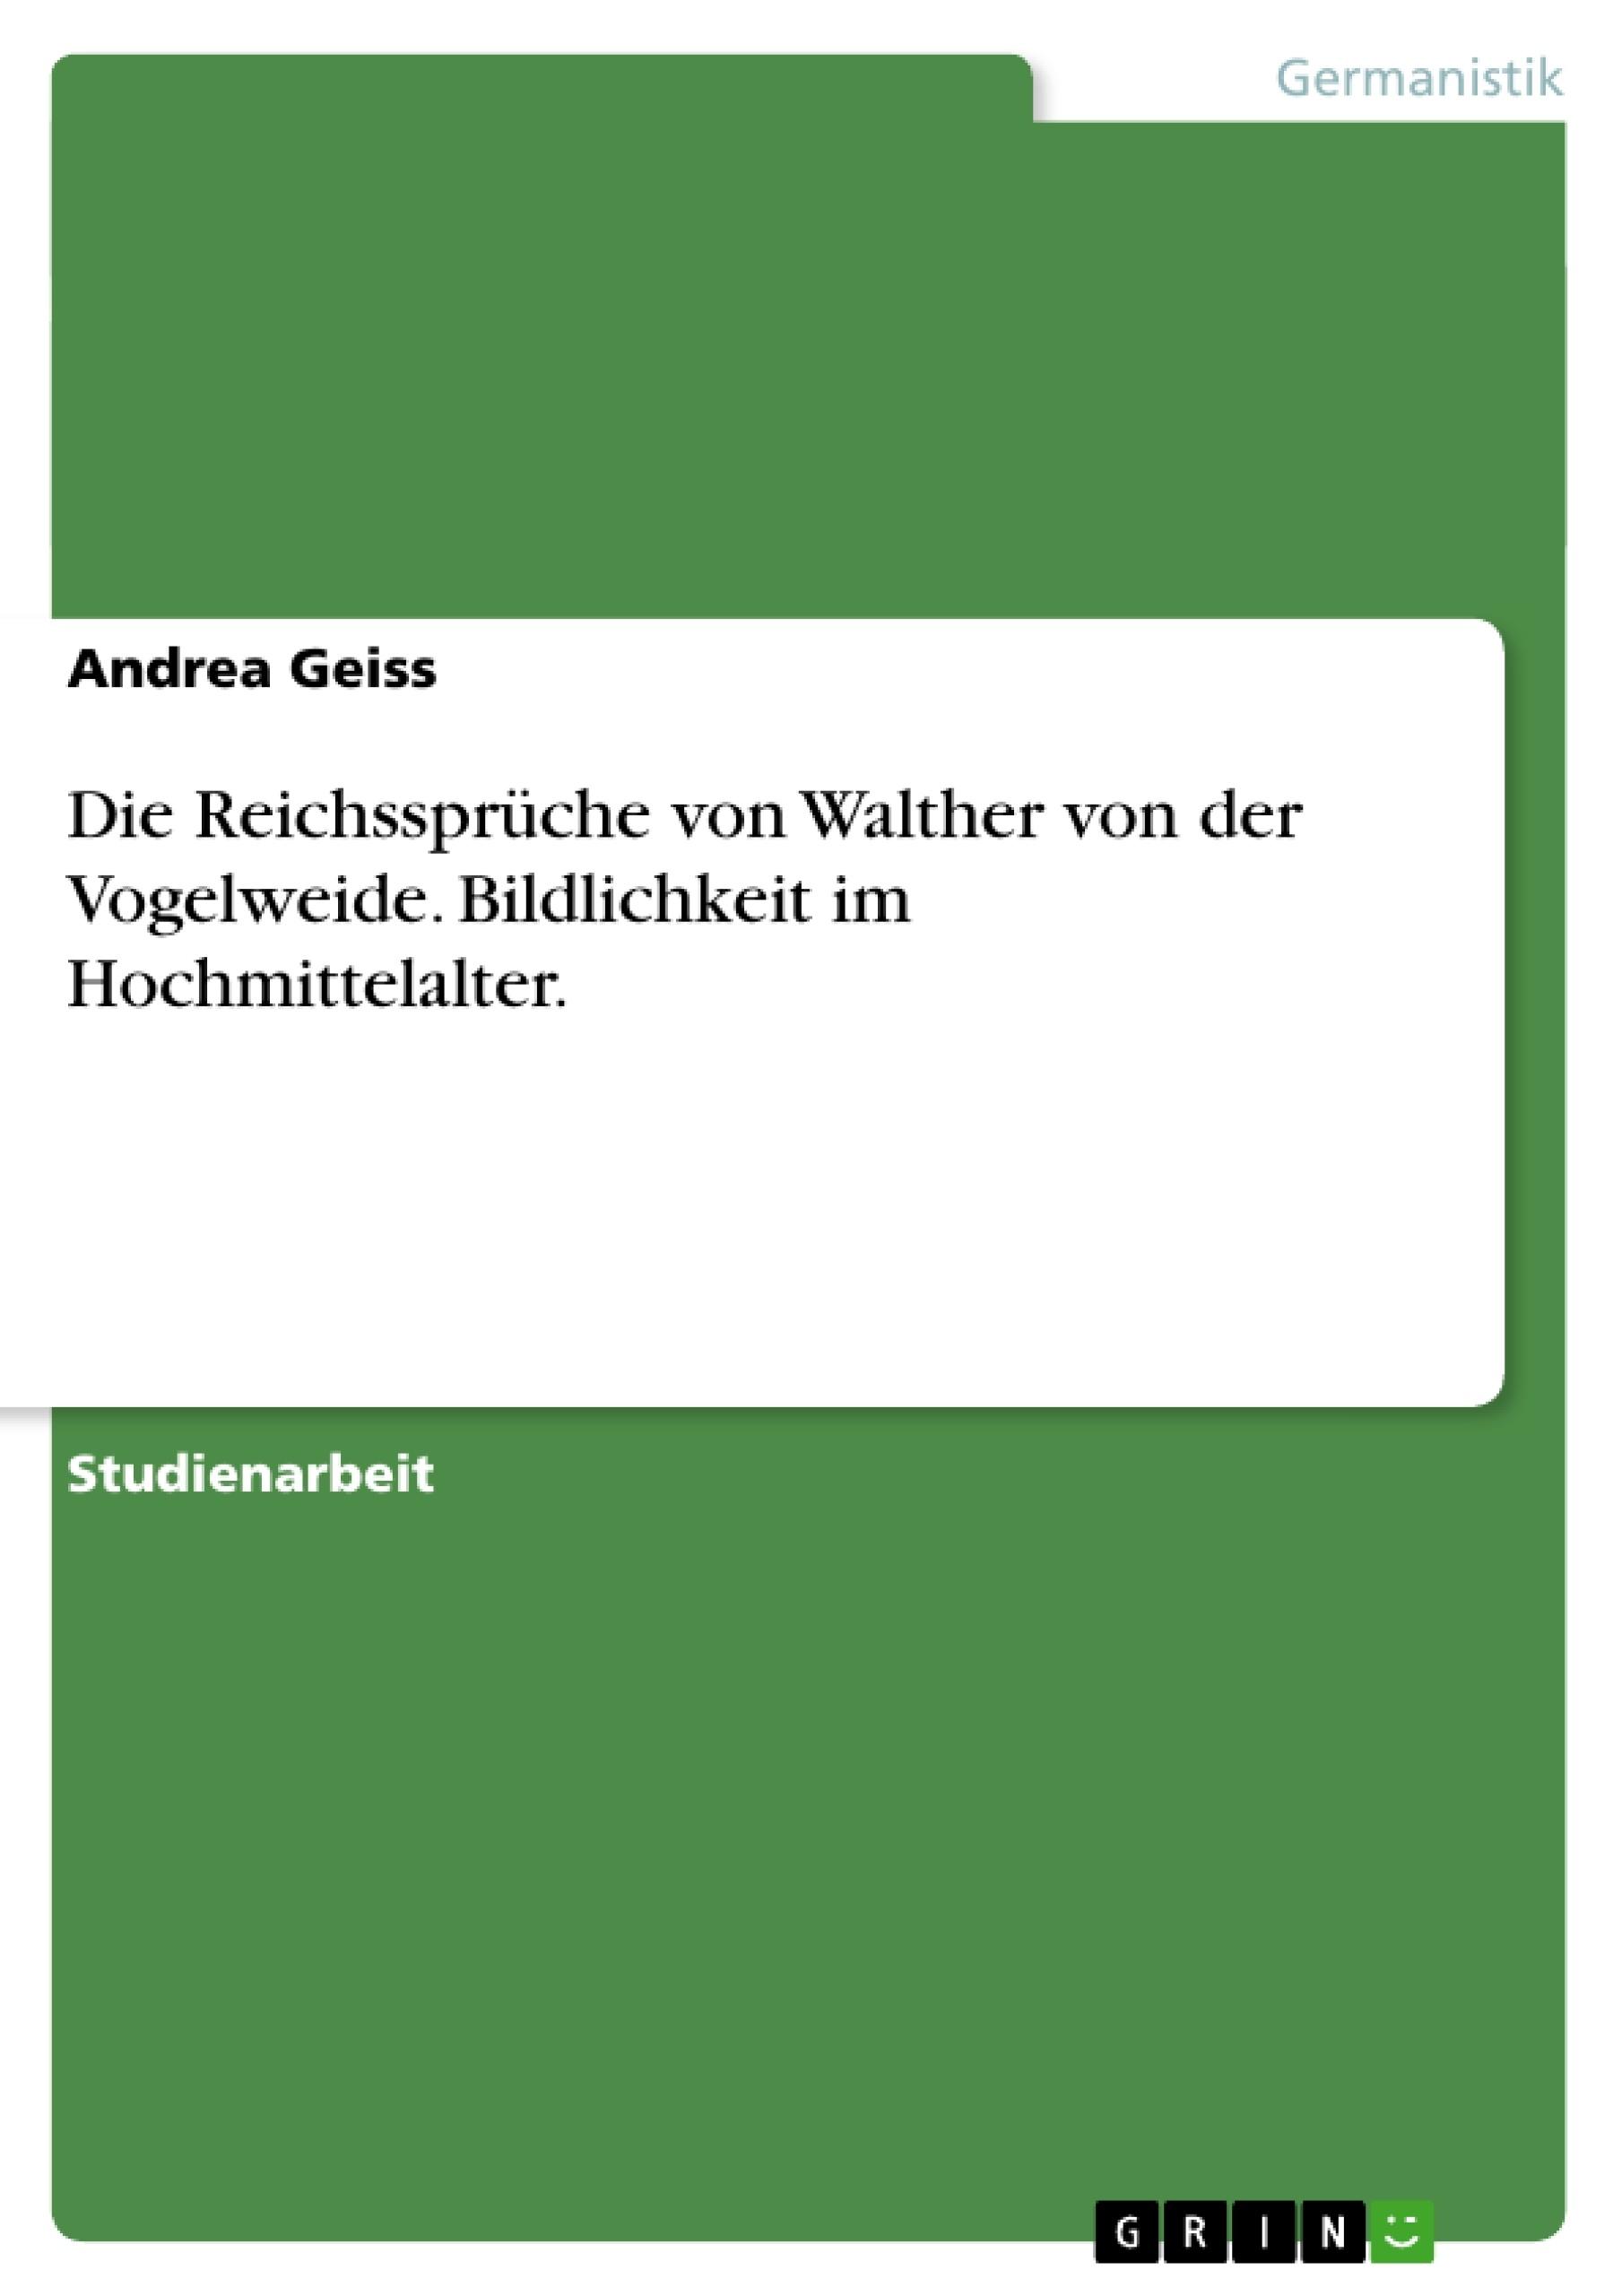 Titel: Die Reichssprüche von Walther von der Vogelweide. Bildlichkeit im Hochmittelalter.